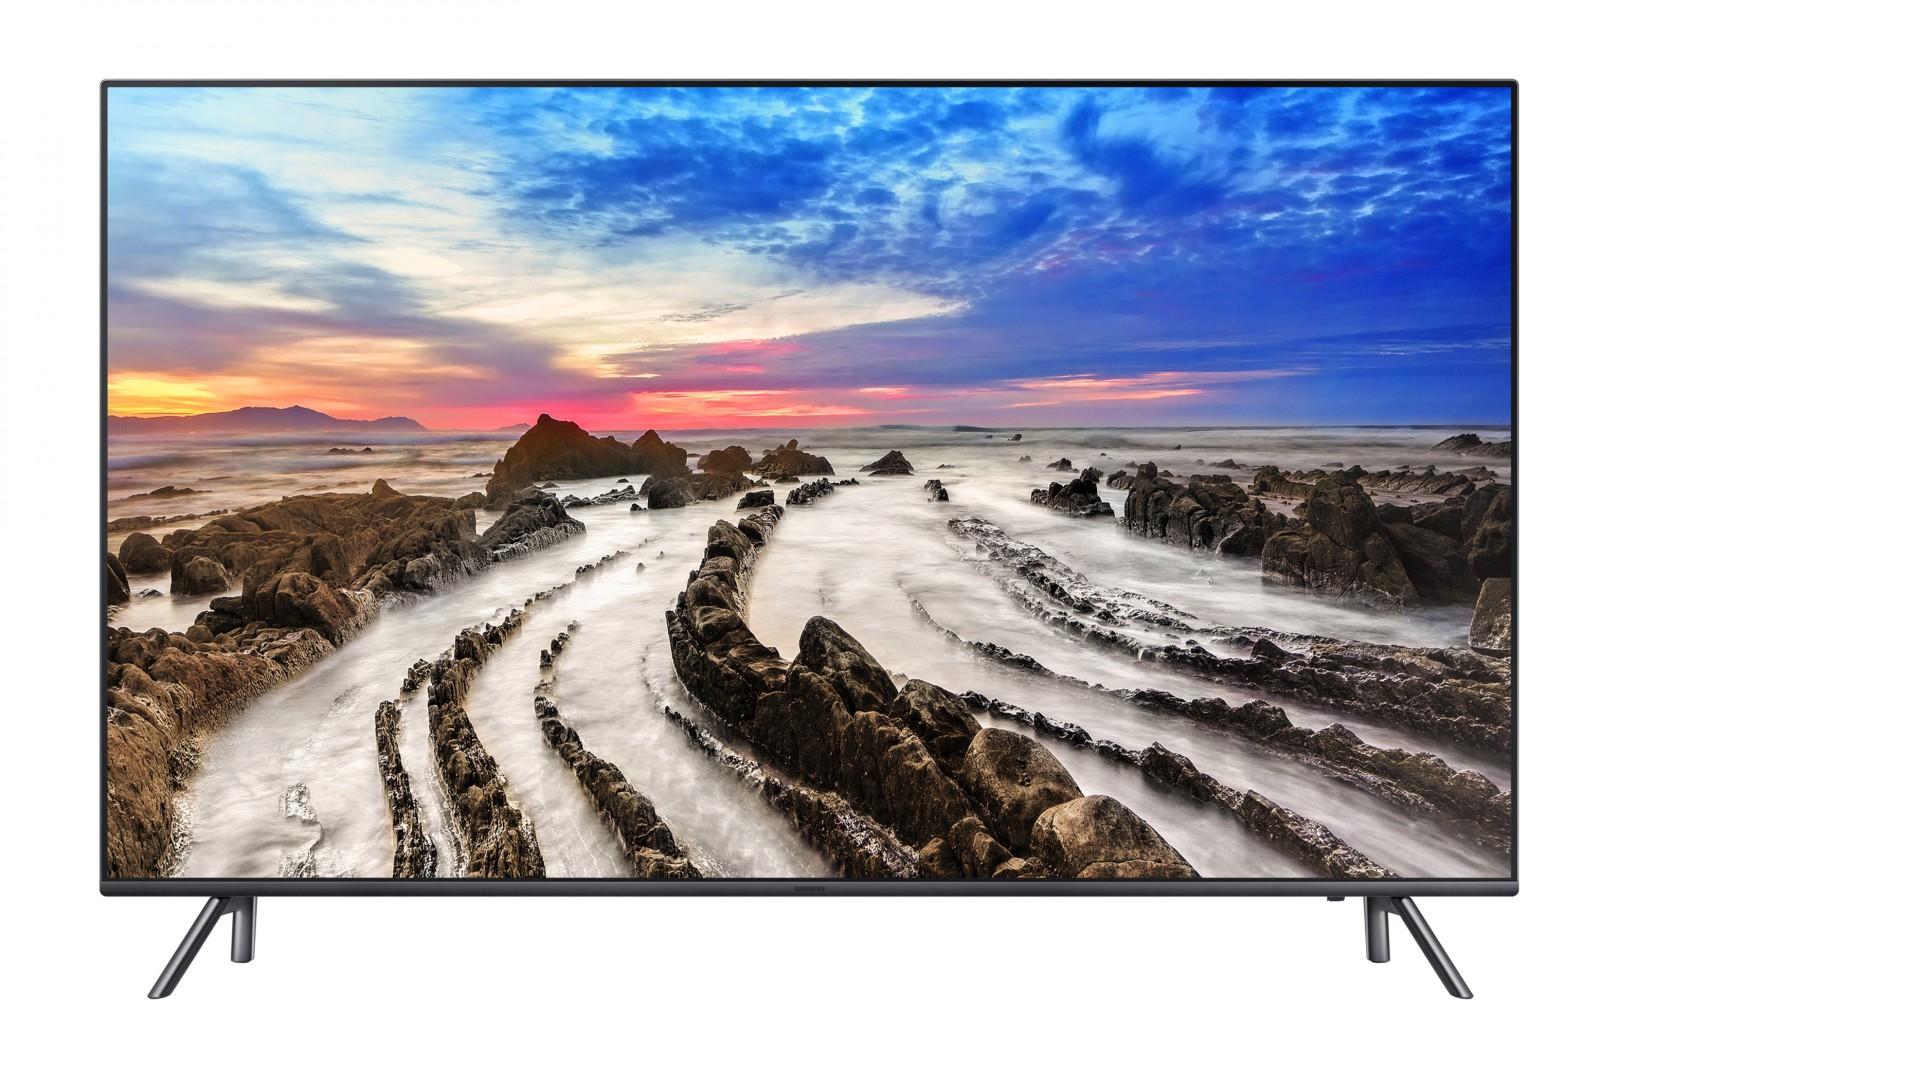 Telewizor 65 cali SAMSUNG UE65MU7052 (dostępność w sklepach NEONET)